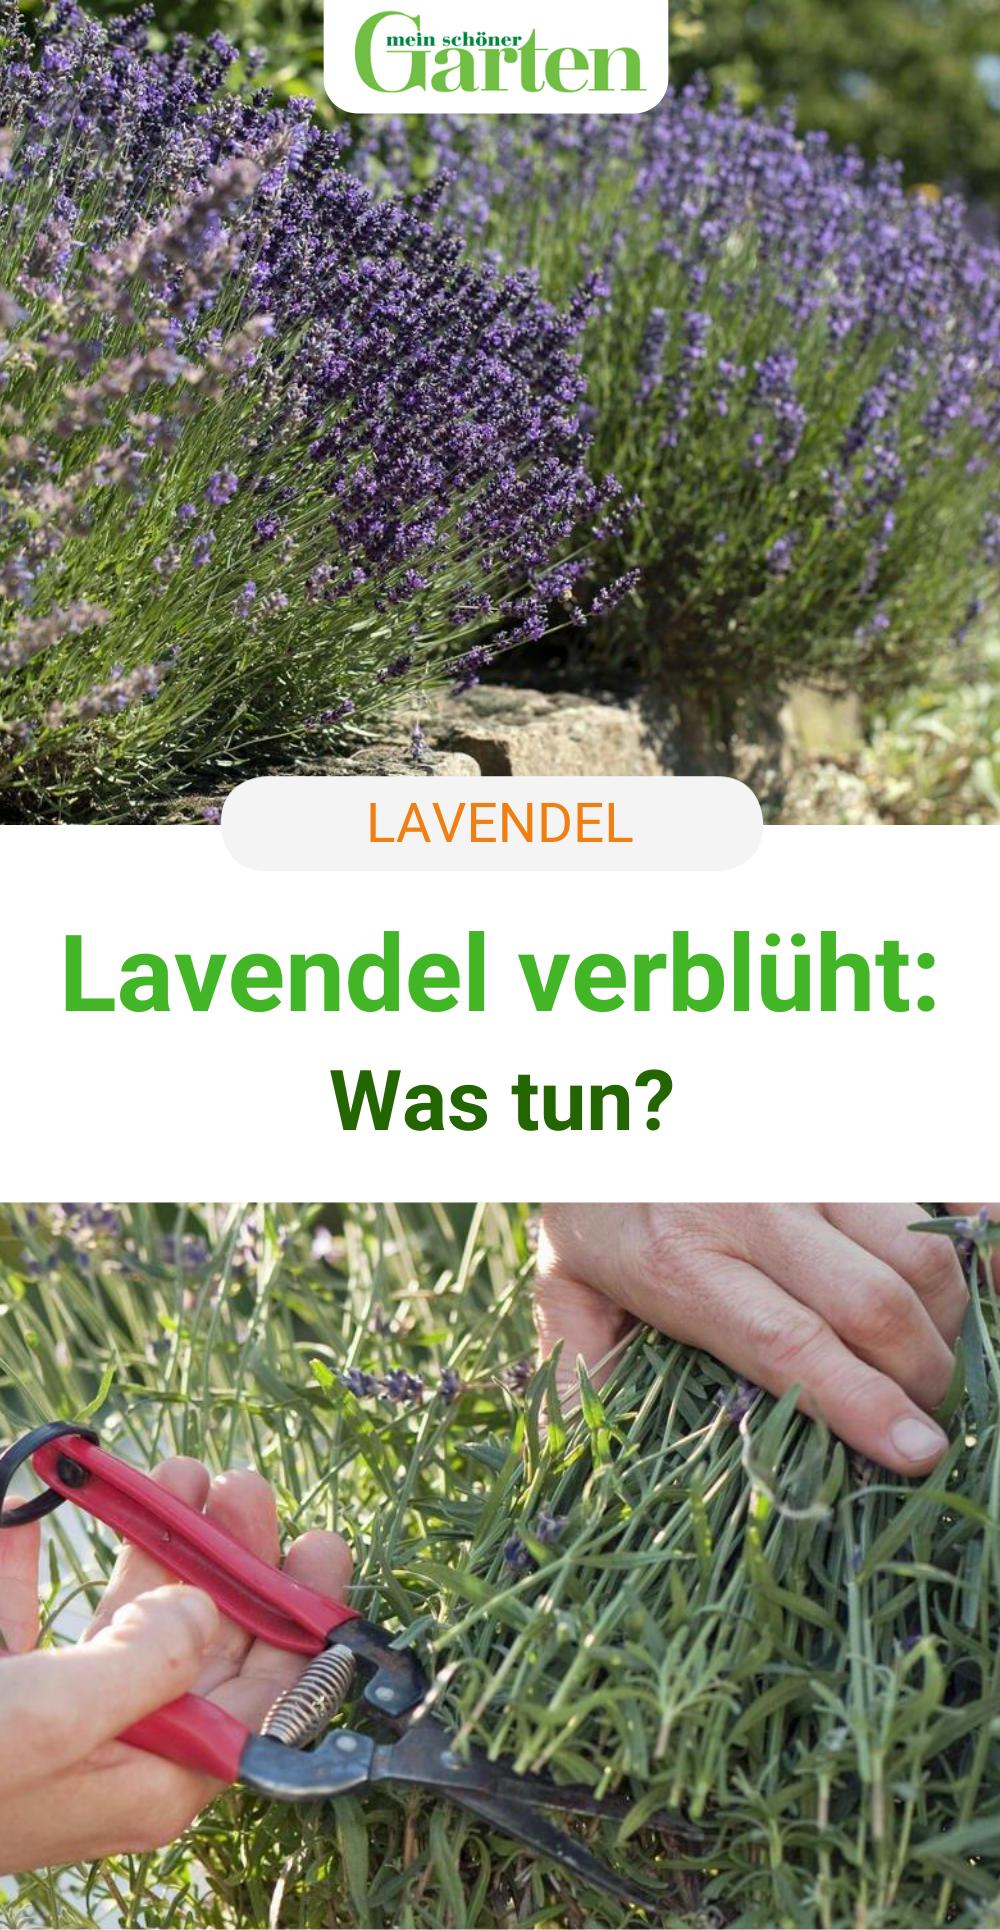 Lavendel Verbluht Das Sollten Sie Jetzt Tun In 2020 Garten Lavendel Garten Bepflanzen Garten